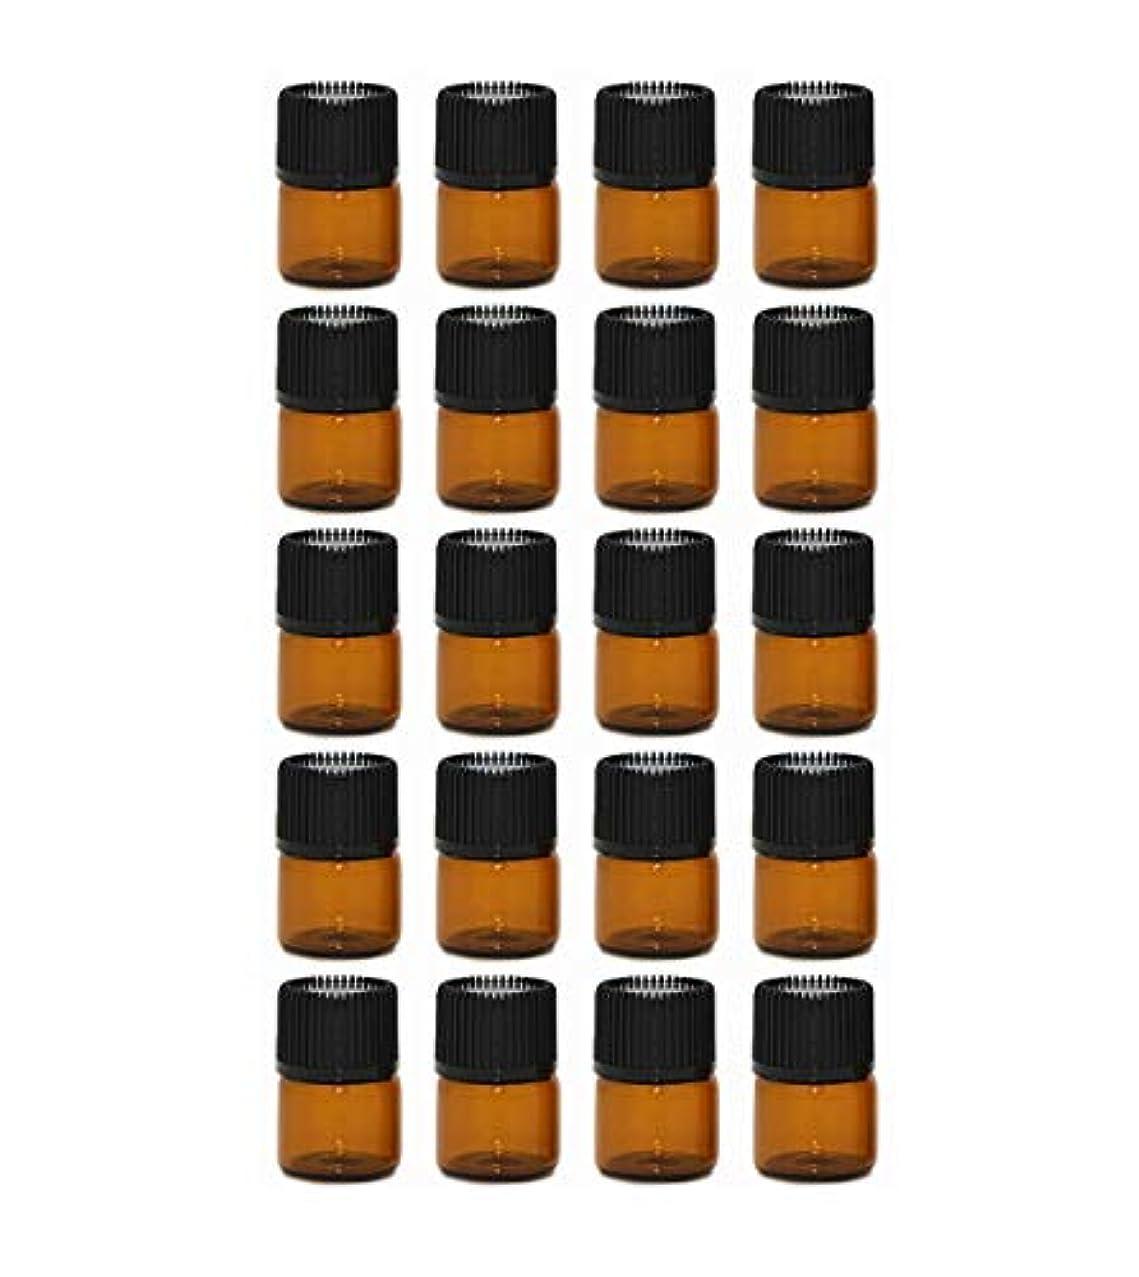 和らげる端末毎週精油 小分け用 ボトル オイル 用 茶色 瓶 アロマオイル 遮光瓶 エッセンシャルオイル 保存瓶 1ml 15本セット